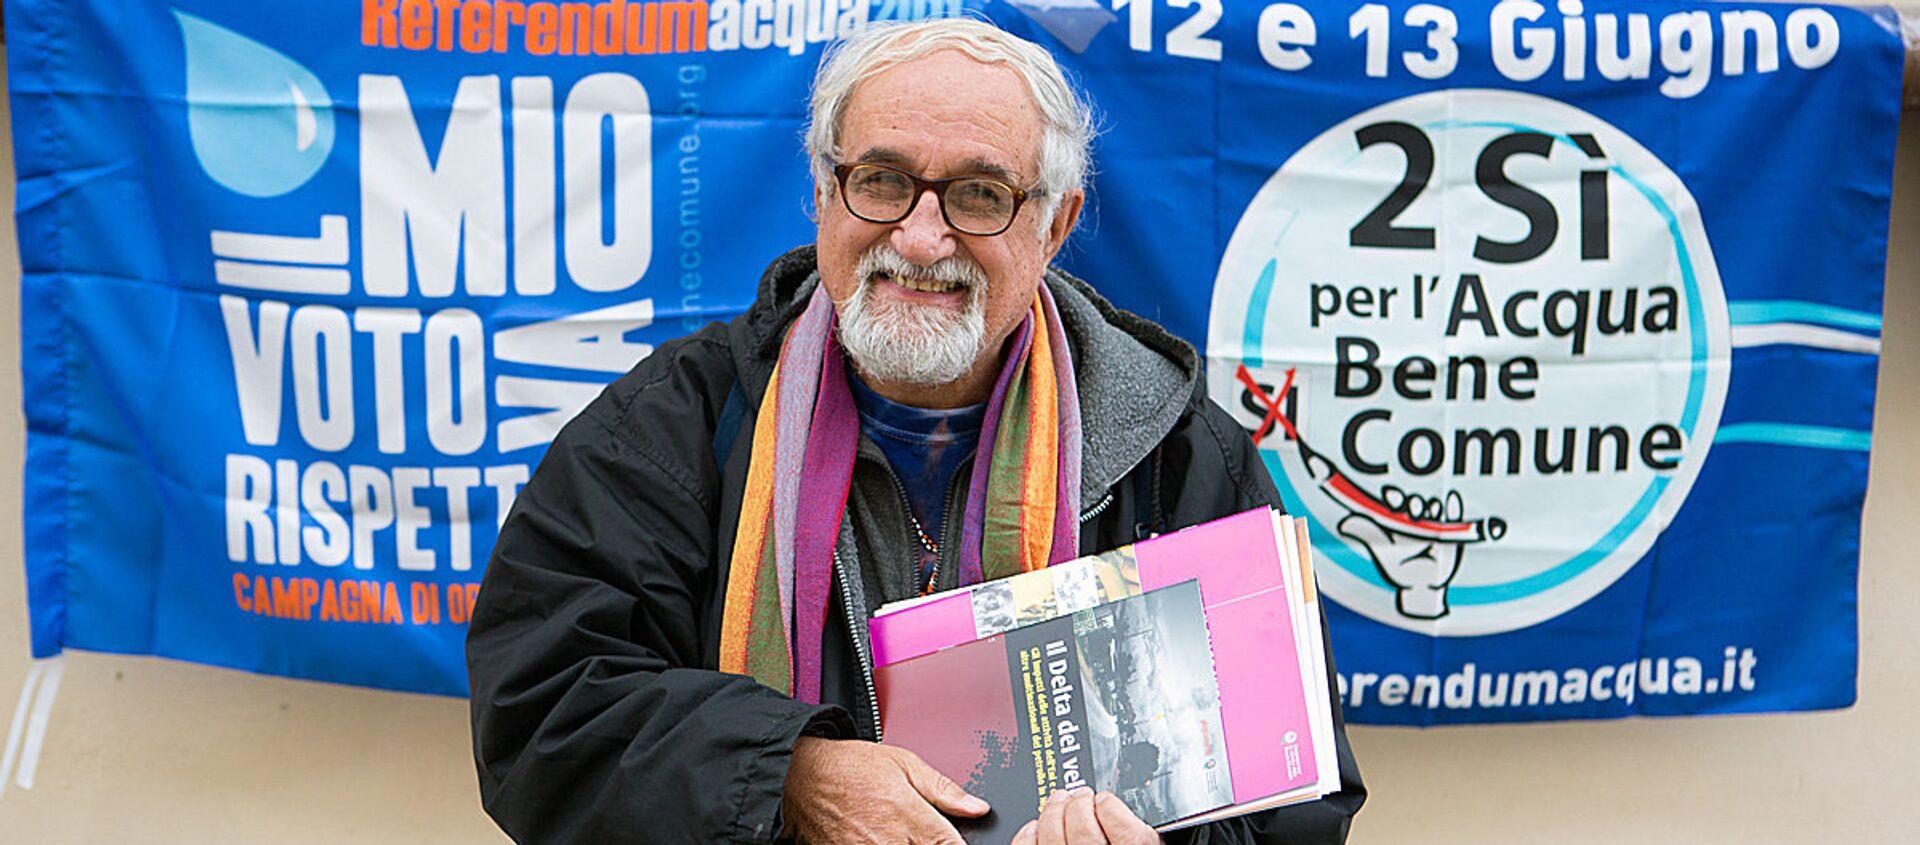 Padre Alex Zanotelli - Sputnik Italia, 1920, 01.02.2021